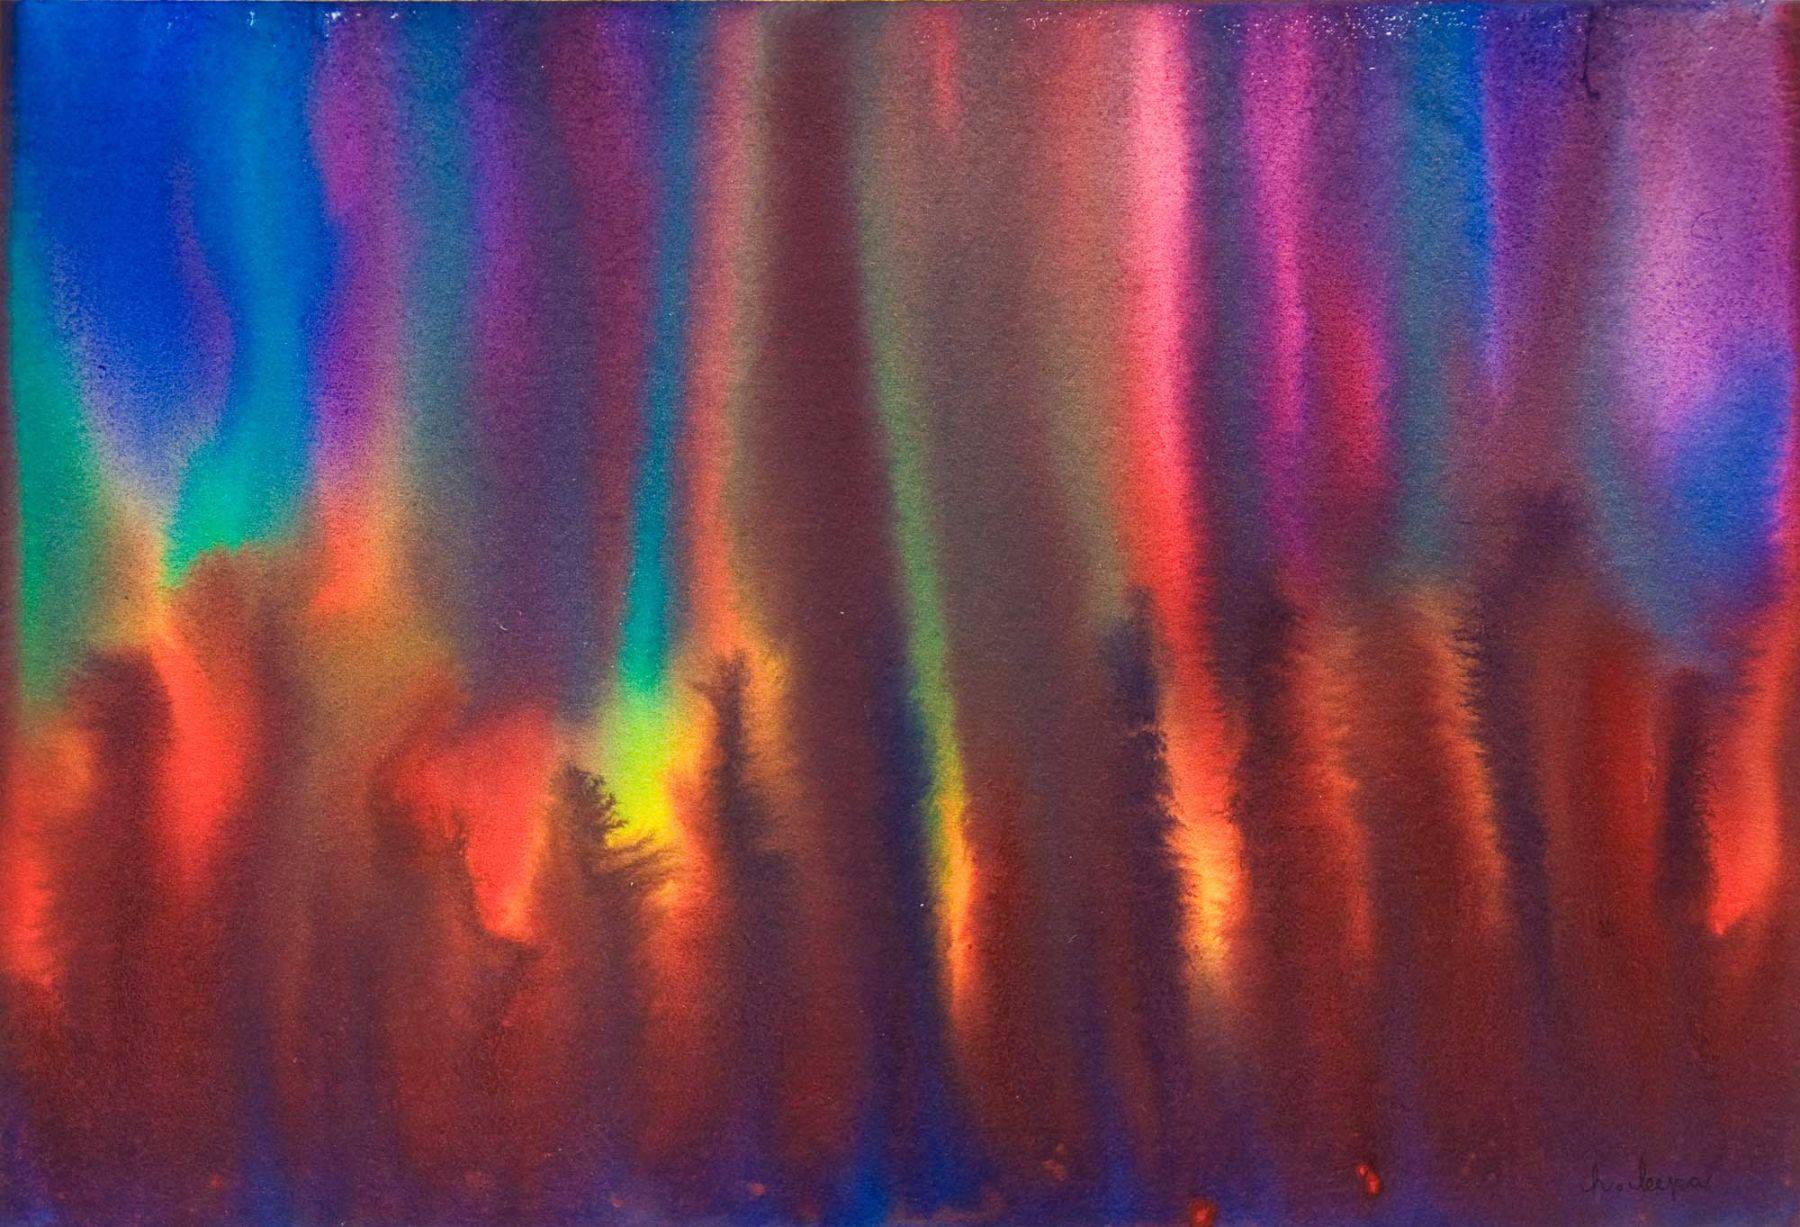 HARVEY LEEPA (1887-1977), Untitled 15, c. 1960